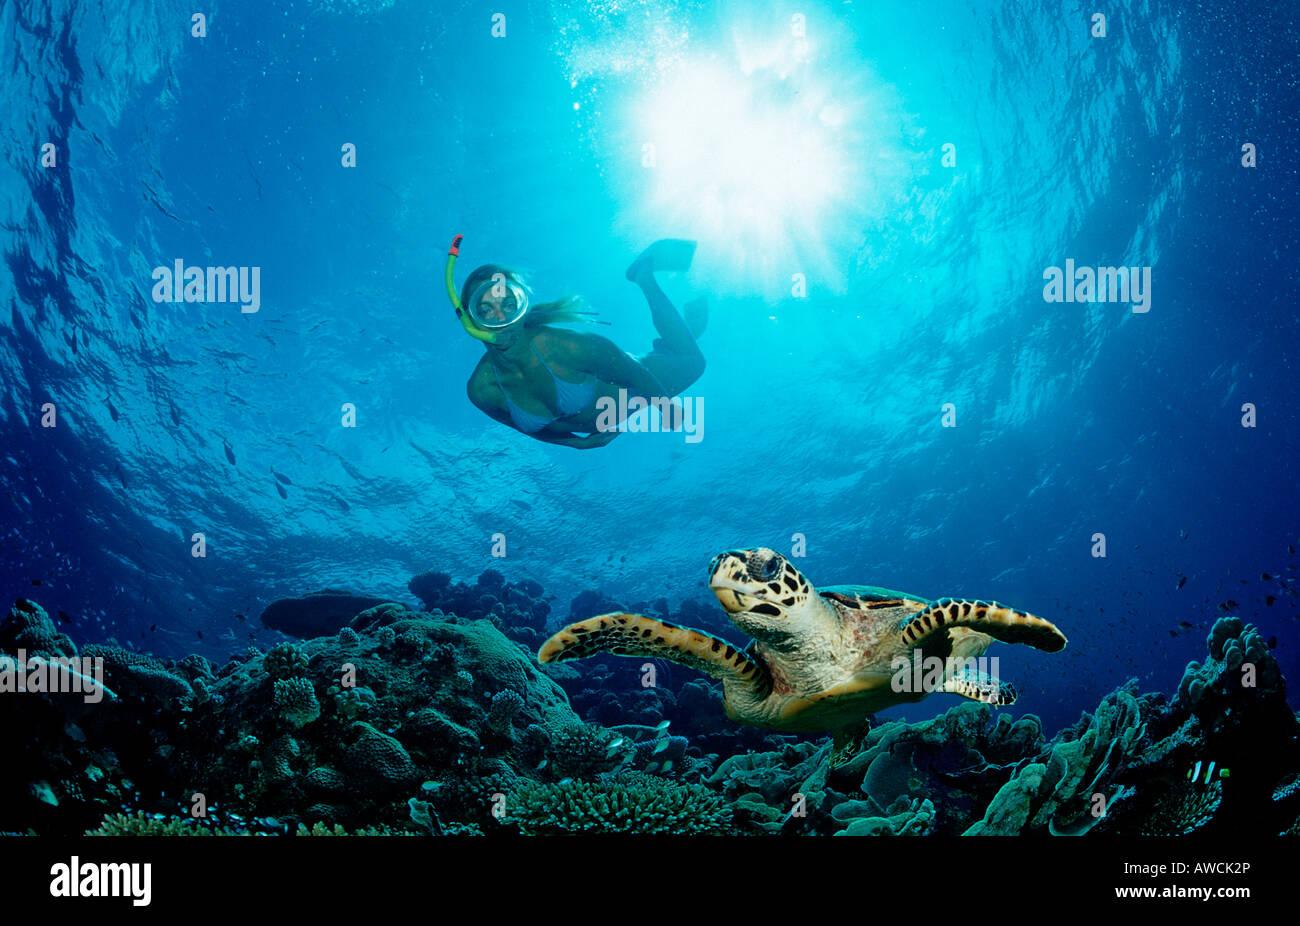 Tartaruga embricata e Sub Eretmochelys imbricata Maldive Oceano Indiano Meemu Atoll Immagini Stock